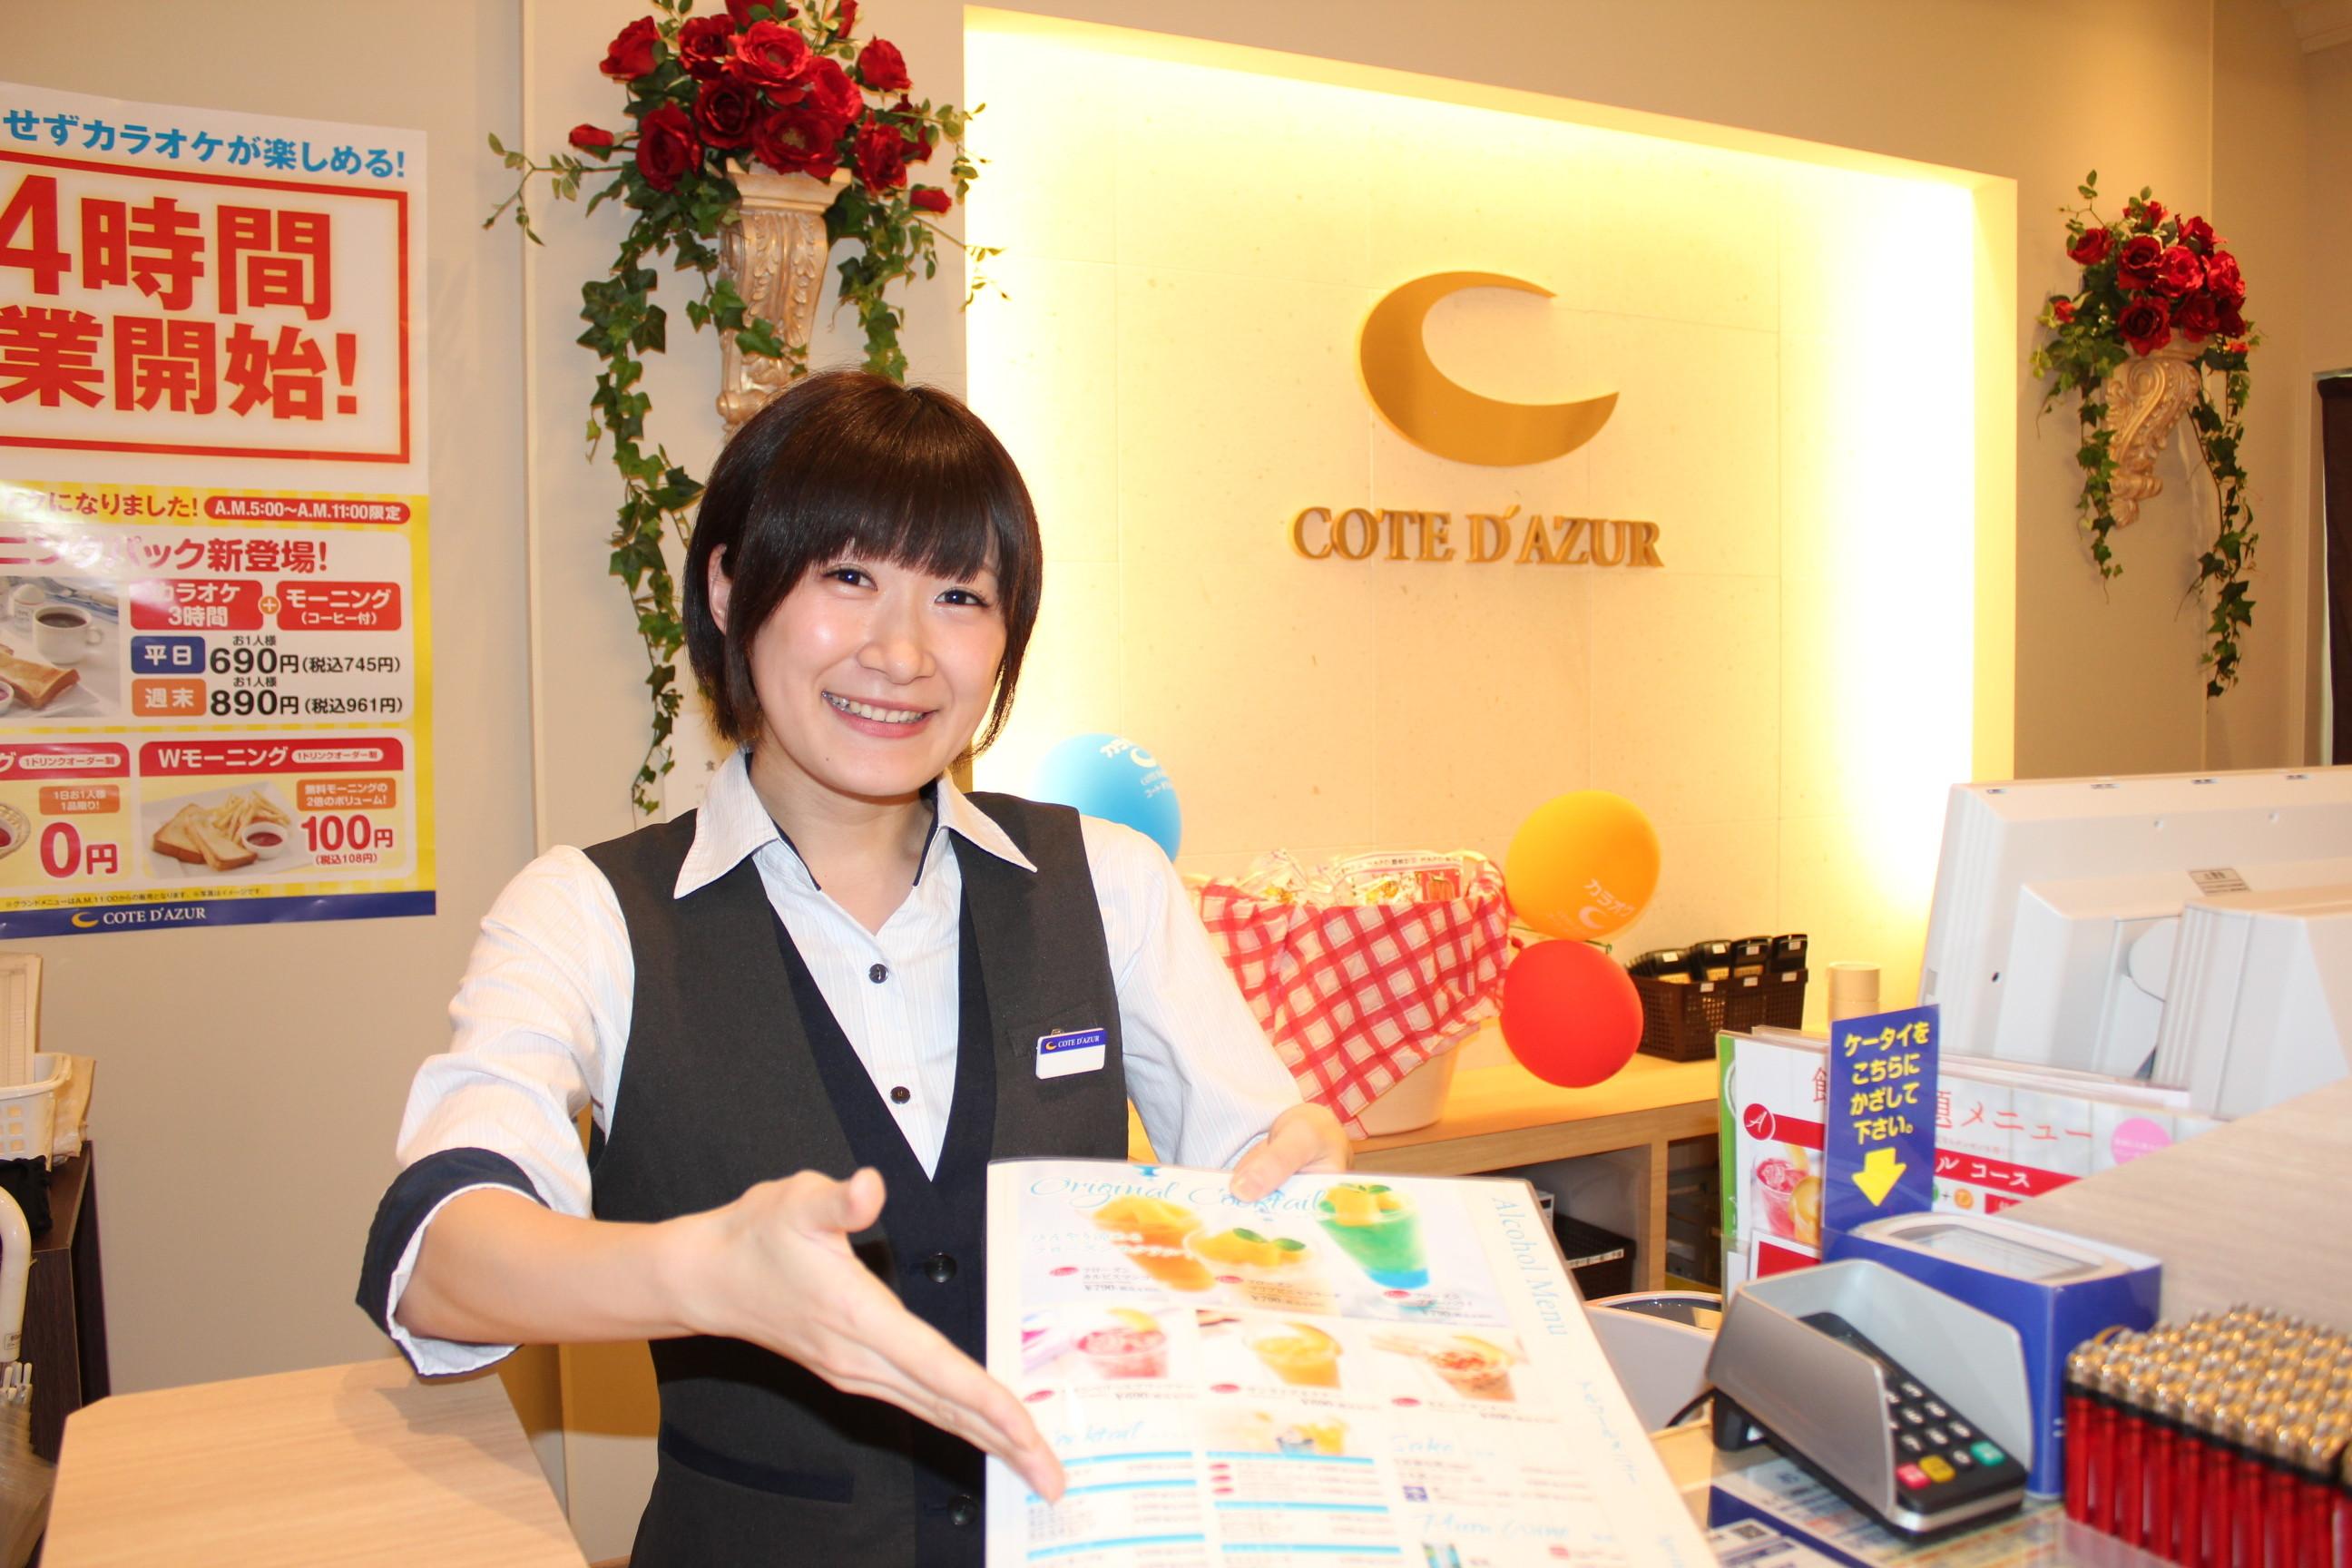 コート・ダジュール 新発田店 のアルバイト情報